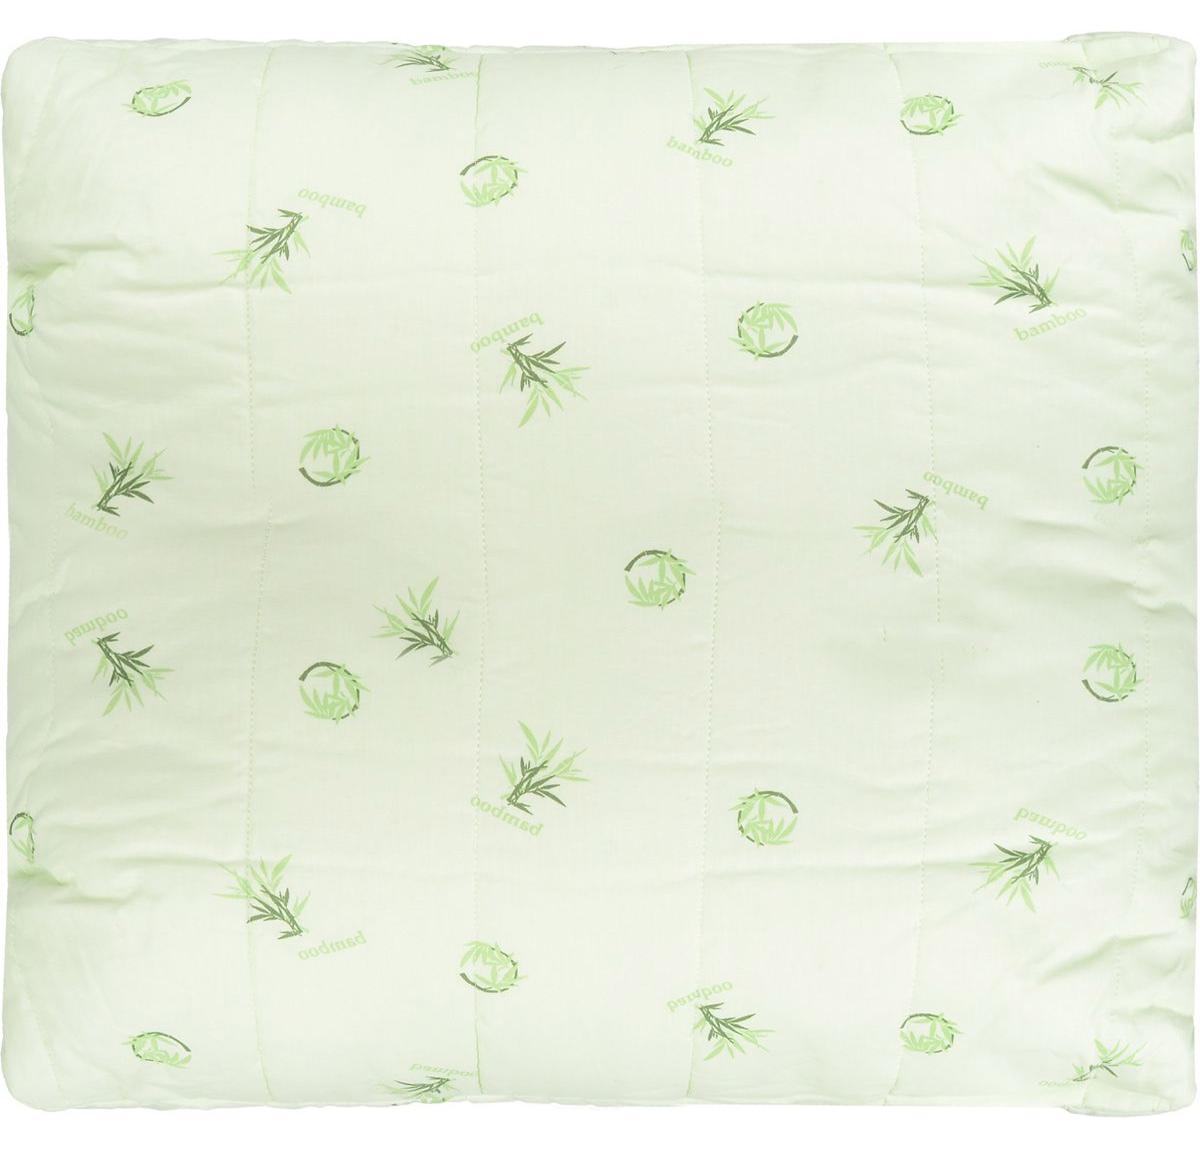 """Подушка Легкие сны """"Бамбук"""" подарит комфорт и уют во время сна. Чехол выполнен из 100% хлопка.Волокно бамбука - это натуральный материал, добываемый из стеблей растения. Он обладает способностью быстро впитывать и испарять влагу, а также антибактериальными свойствами, что препятствует появлению пылевых клещей и болезнетворных бактерий.  Изделия с наполнителем из бамбука легко пропускают воздух, создавая охлаждающий эффект, поэтому им нет равных в жару. Они отличаются превосходными дезодорирующими свойствами, мягкие, легкие, нетребовательны в уходе, гипоаллергенные и подходят абсолютно всем. Основные свойства волокна: - дезодорирующий эффект;- антибактериальные свойства; - гипоаллергенные свойства. Подушку можно стирать в стиральной машине. Степень поддержки: средняя."""